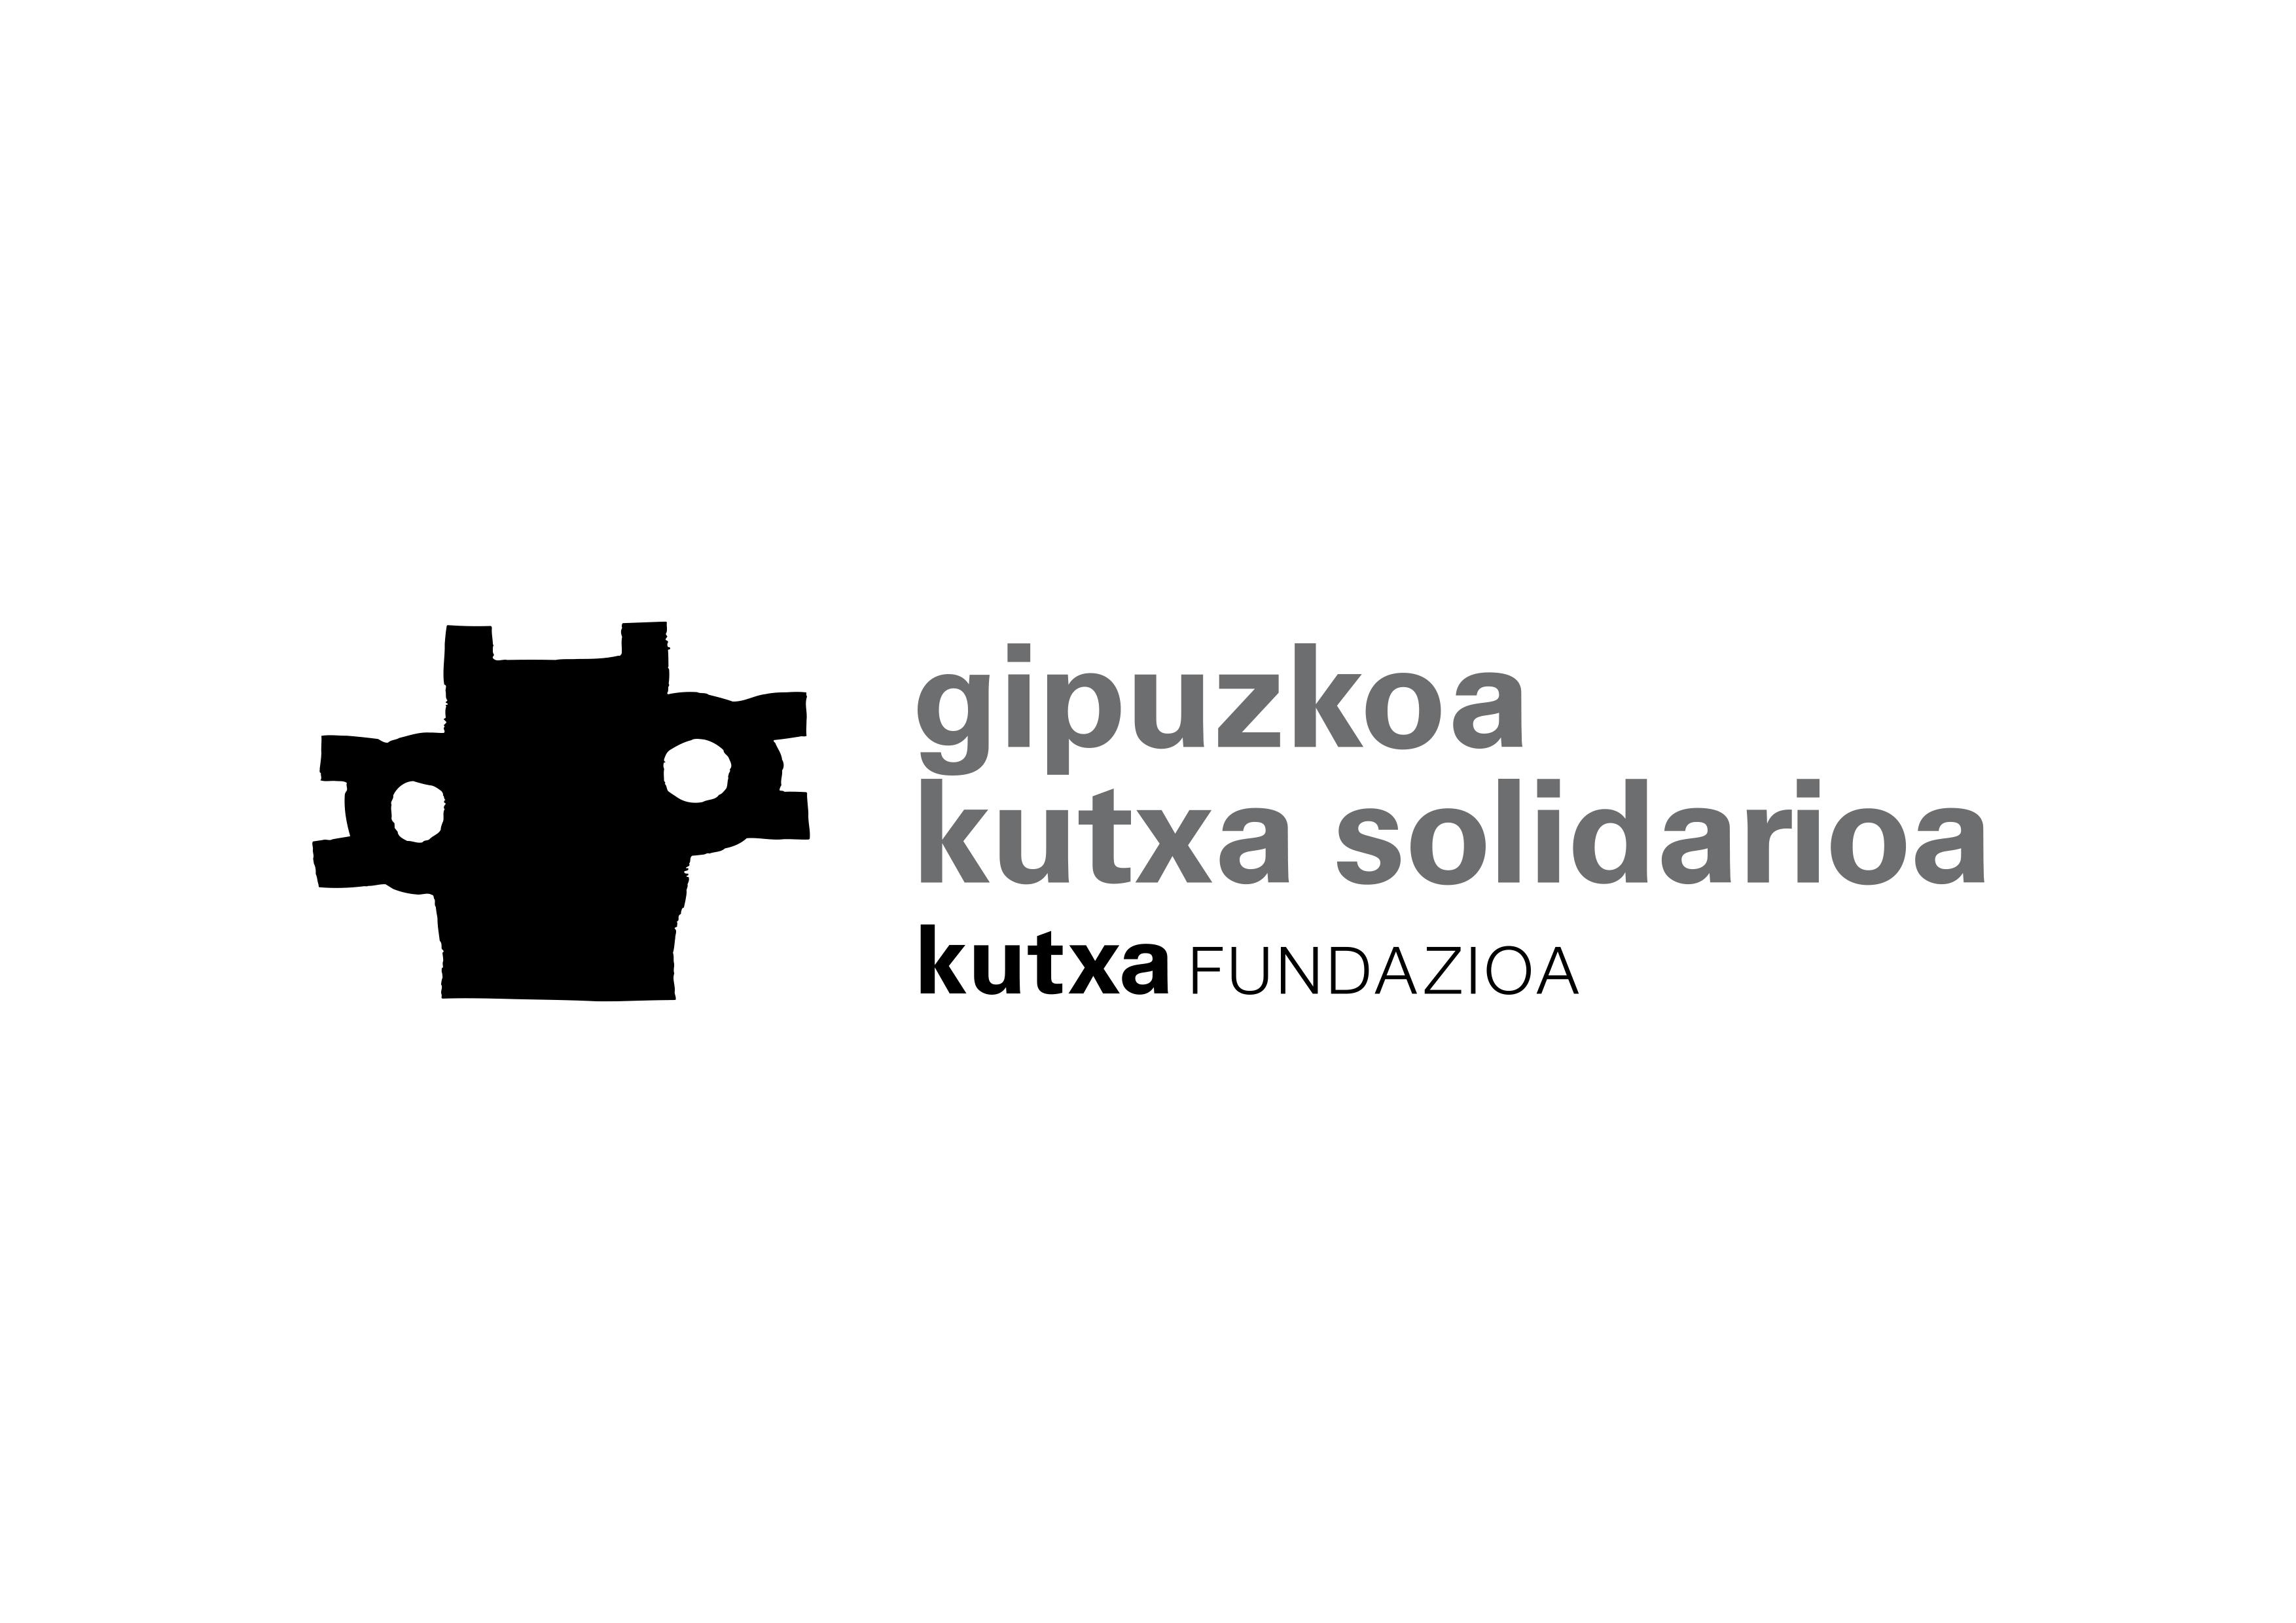 Logo de Gipuzkoa Solidarioa KutxaFundazioa